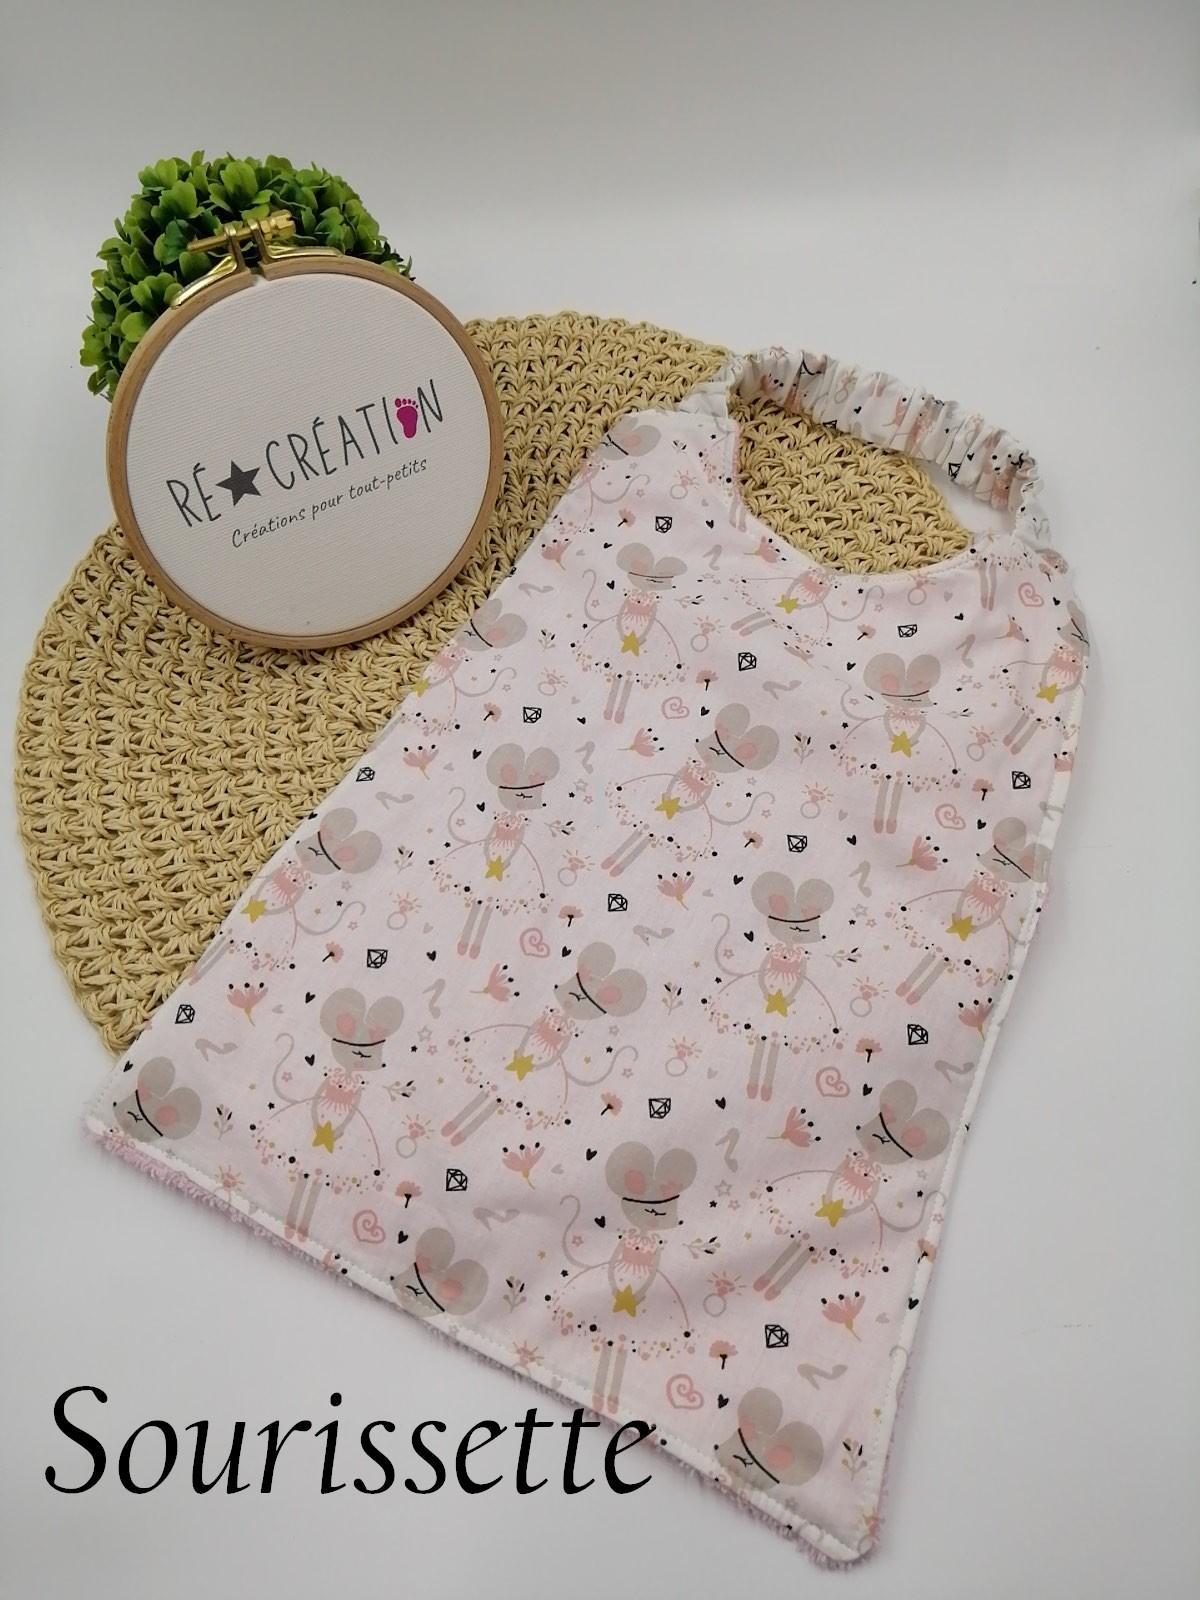 Bavoir serviette maternelle sourissette 1